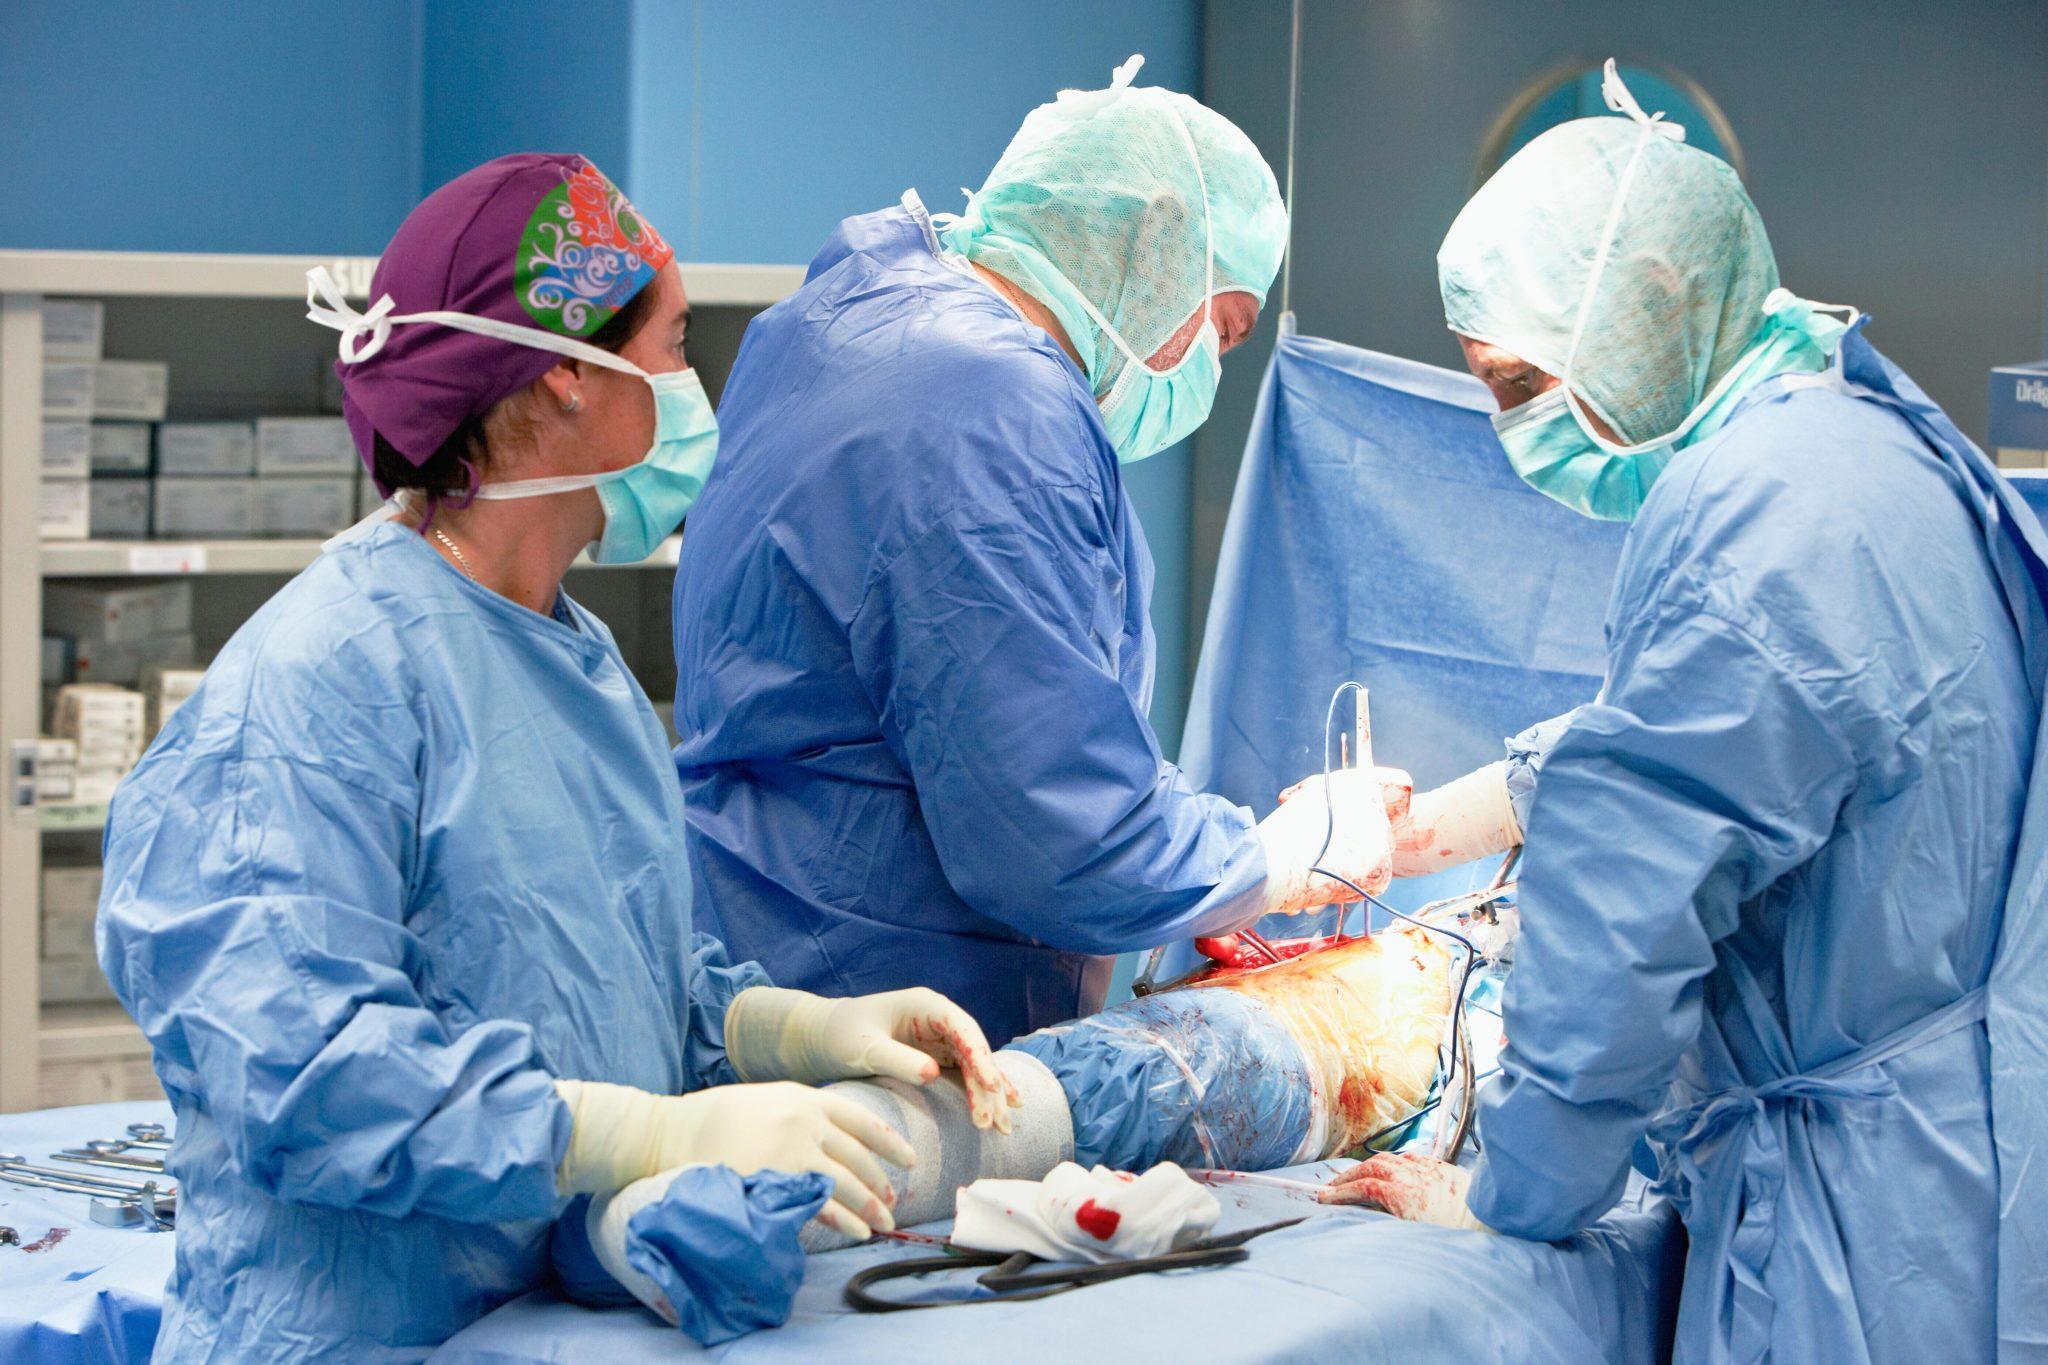 Operationen sind teuer und deshalb für viele Ärzte besonders lukrativ. Im Bild der Ersatz eines Hüftgelenks.